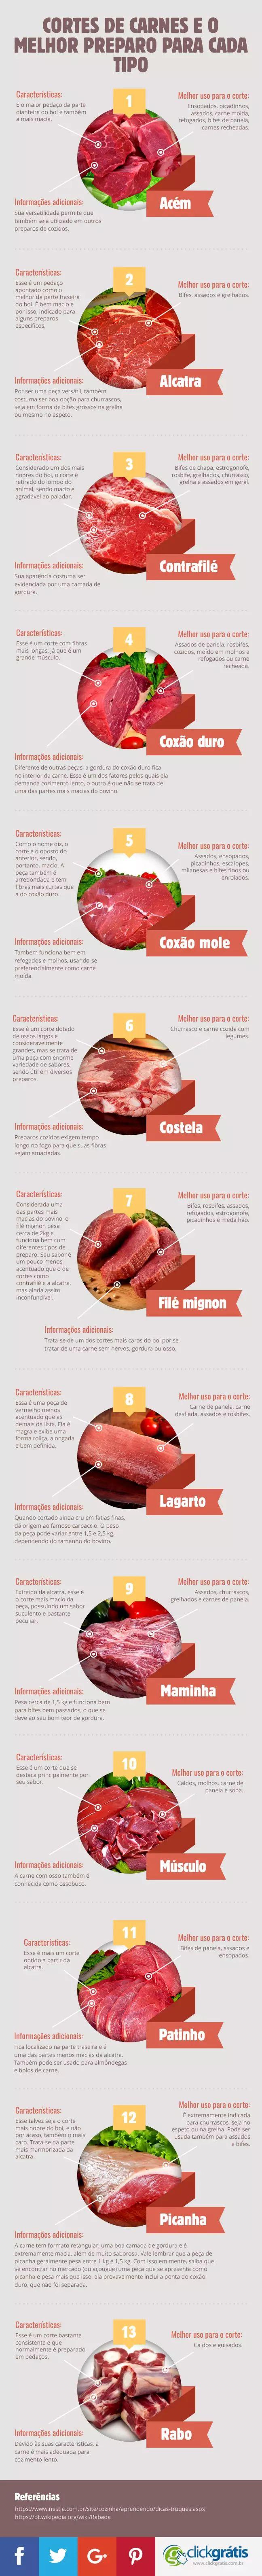 Conheça o infográfico sobre Cortes de carnes e o melhor preparo para cada tipo